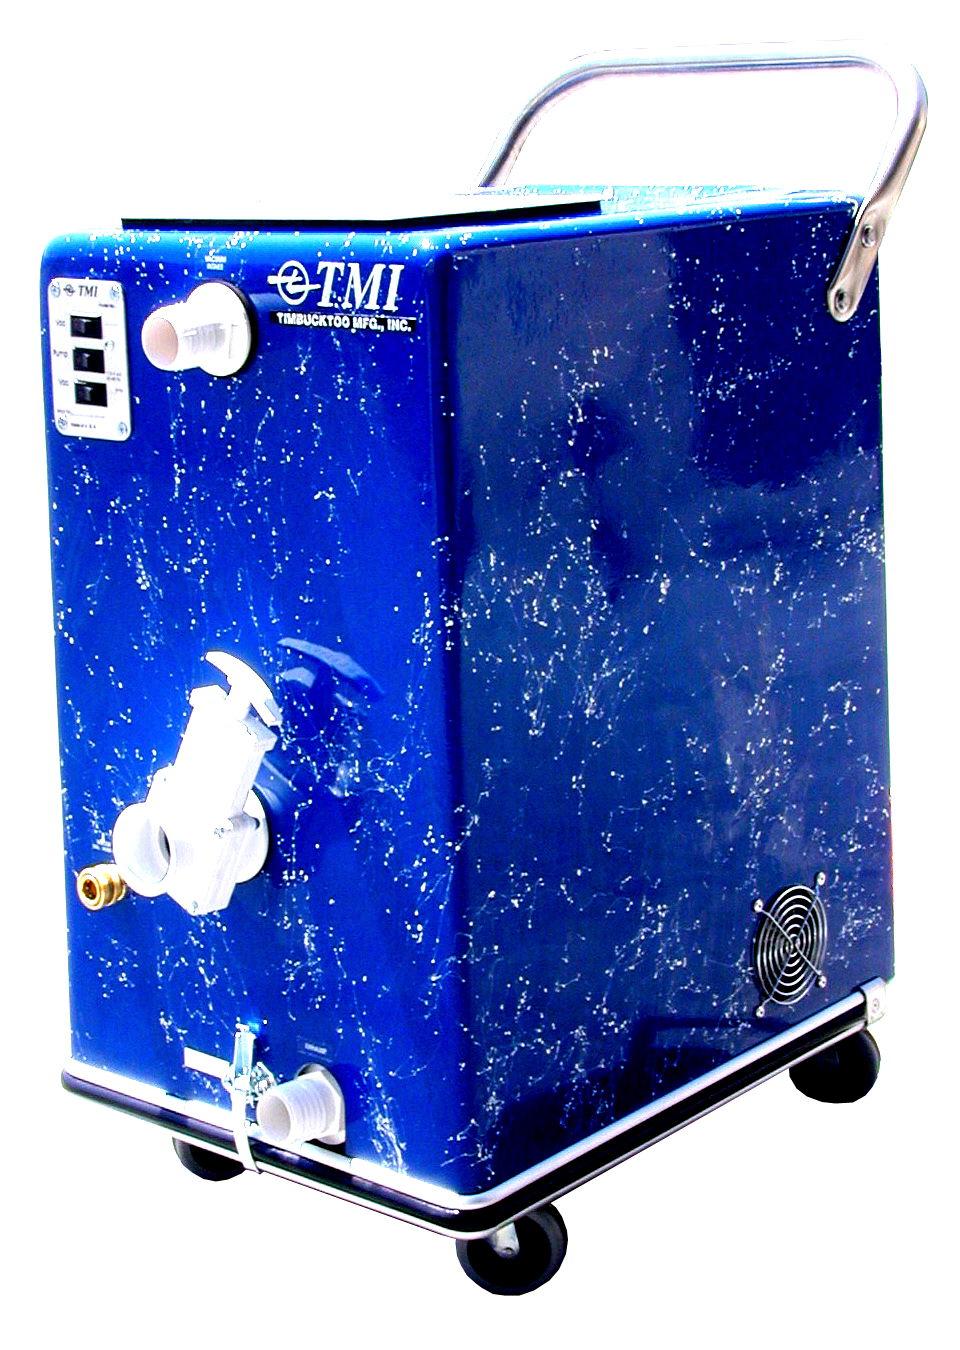 Steamex 10gal Pro Machine Rentals Chicago Il Rent